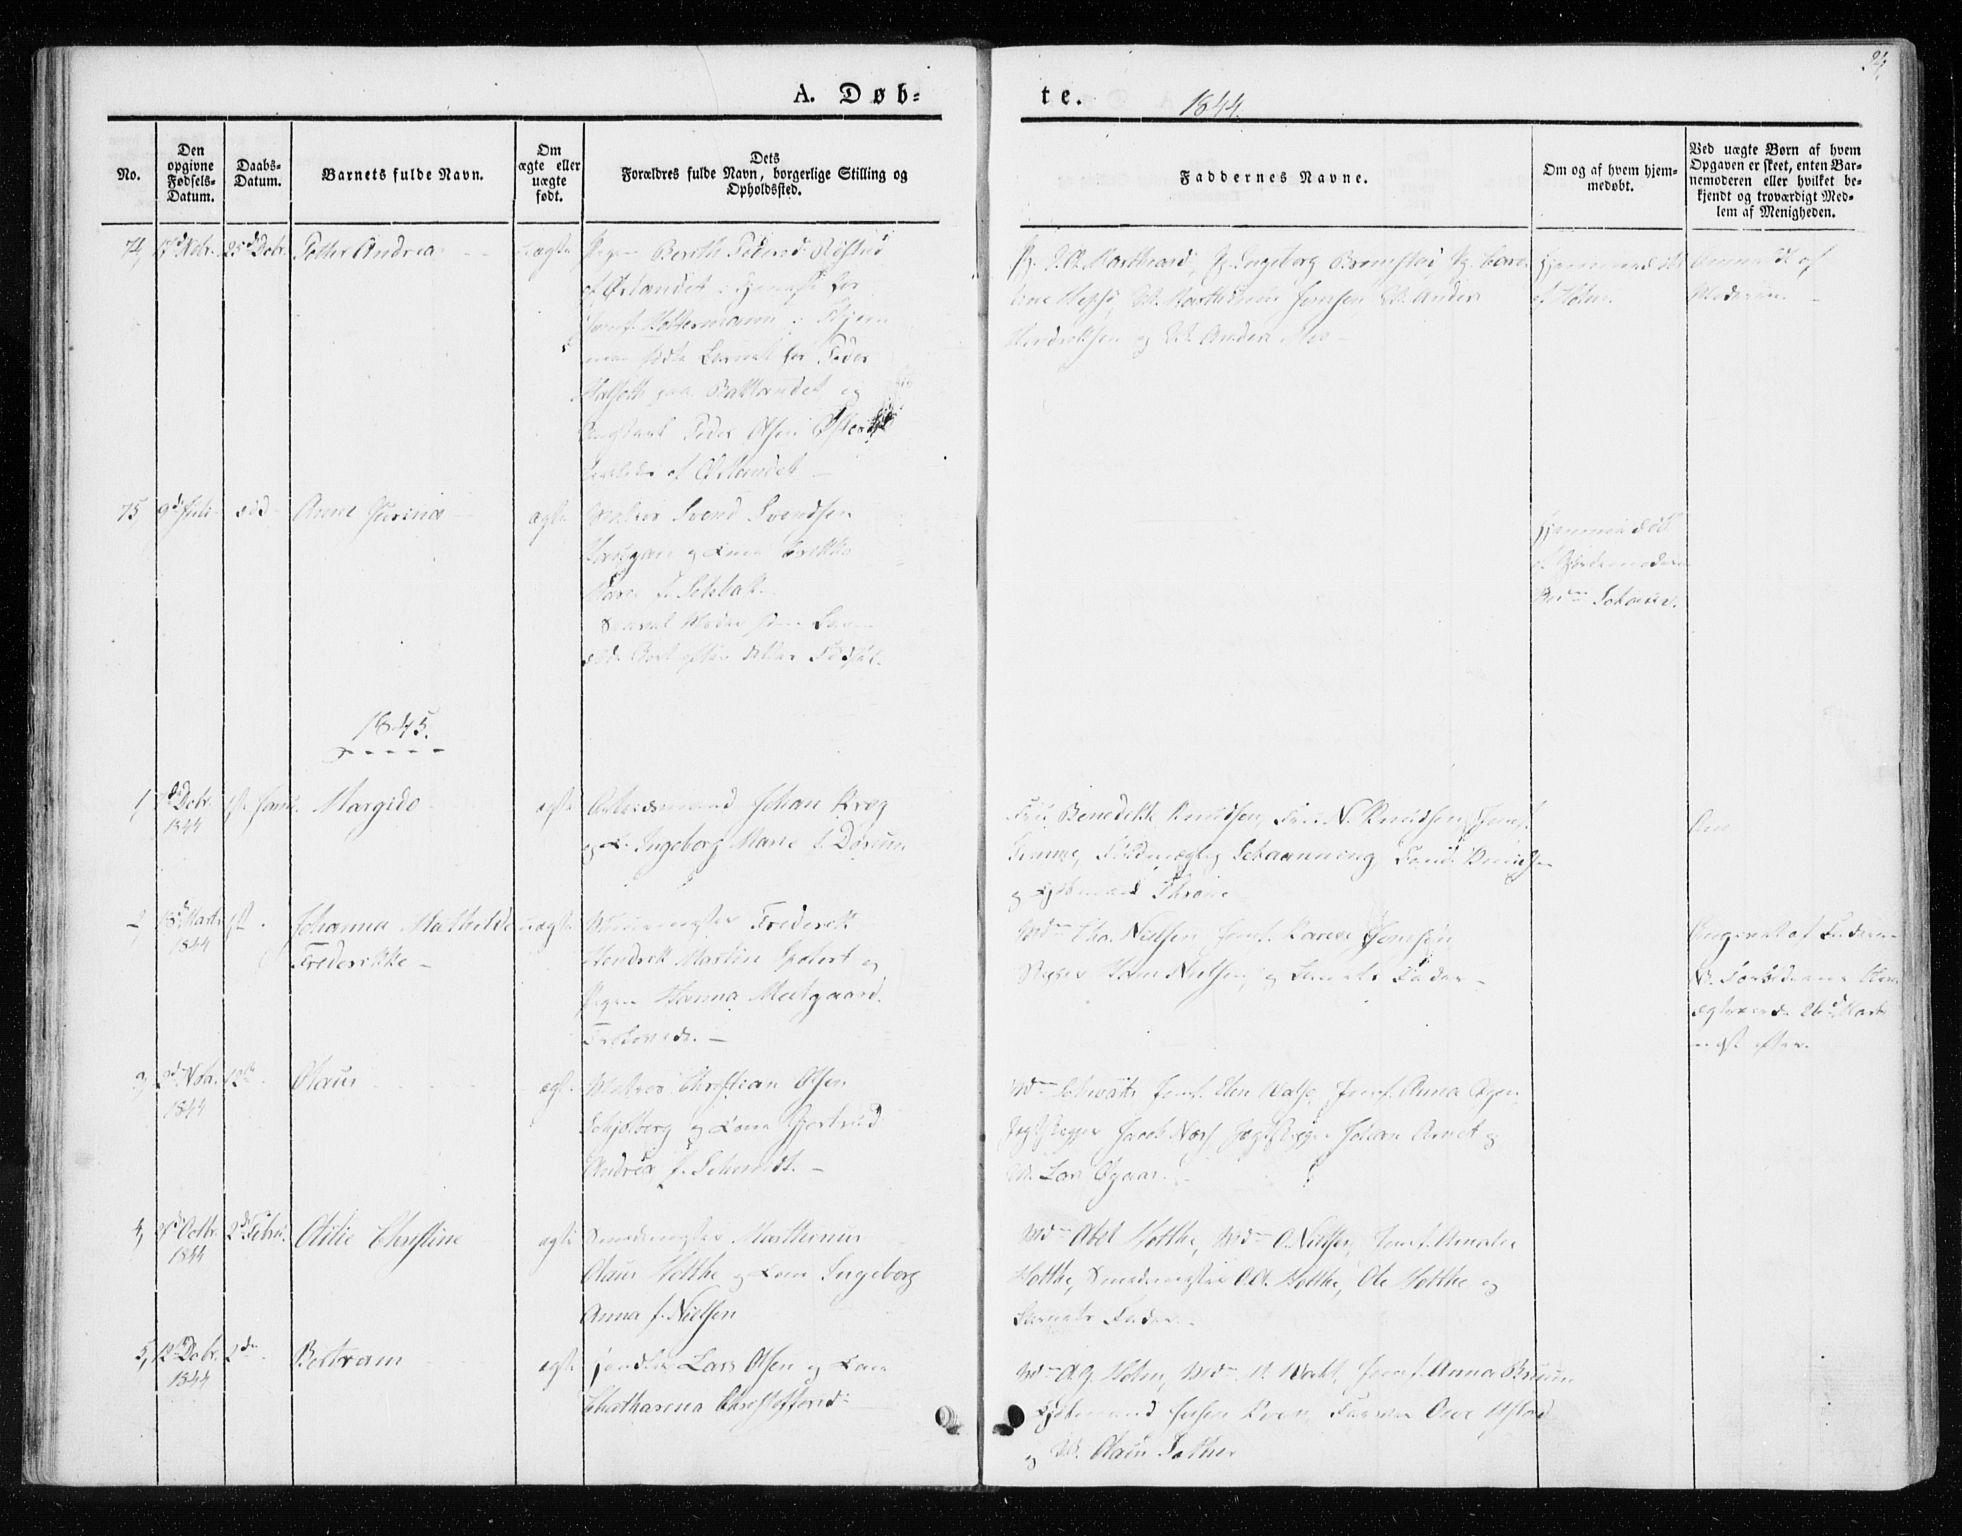 SAT, Ministerialprotokoller, klokkerbøker og fødselsregistre - Sør-Trøndelag, 604/L0183: Ministerialbok nr. 604A04, 1841-1850, s. 24